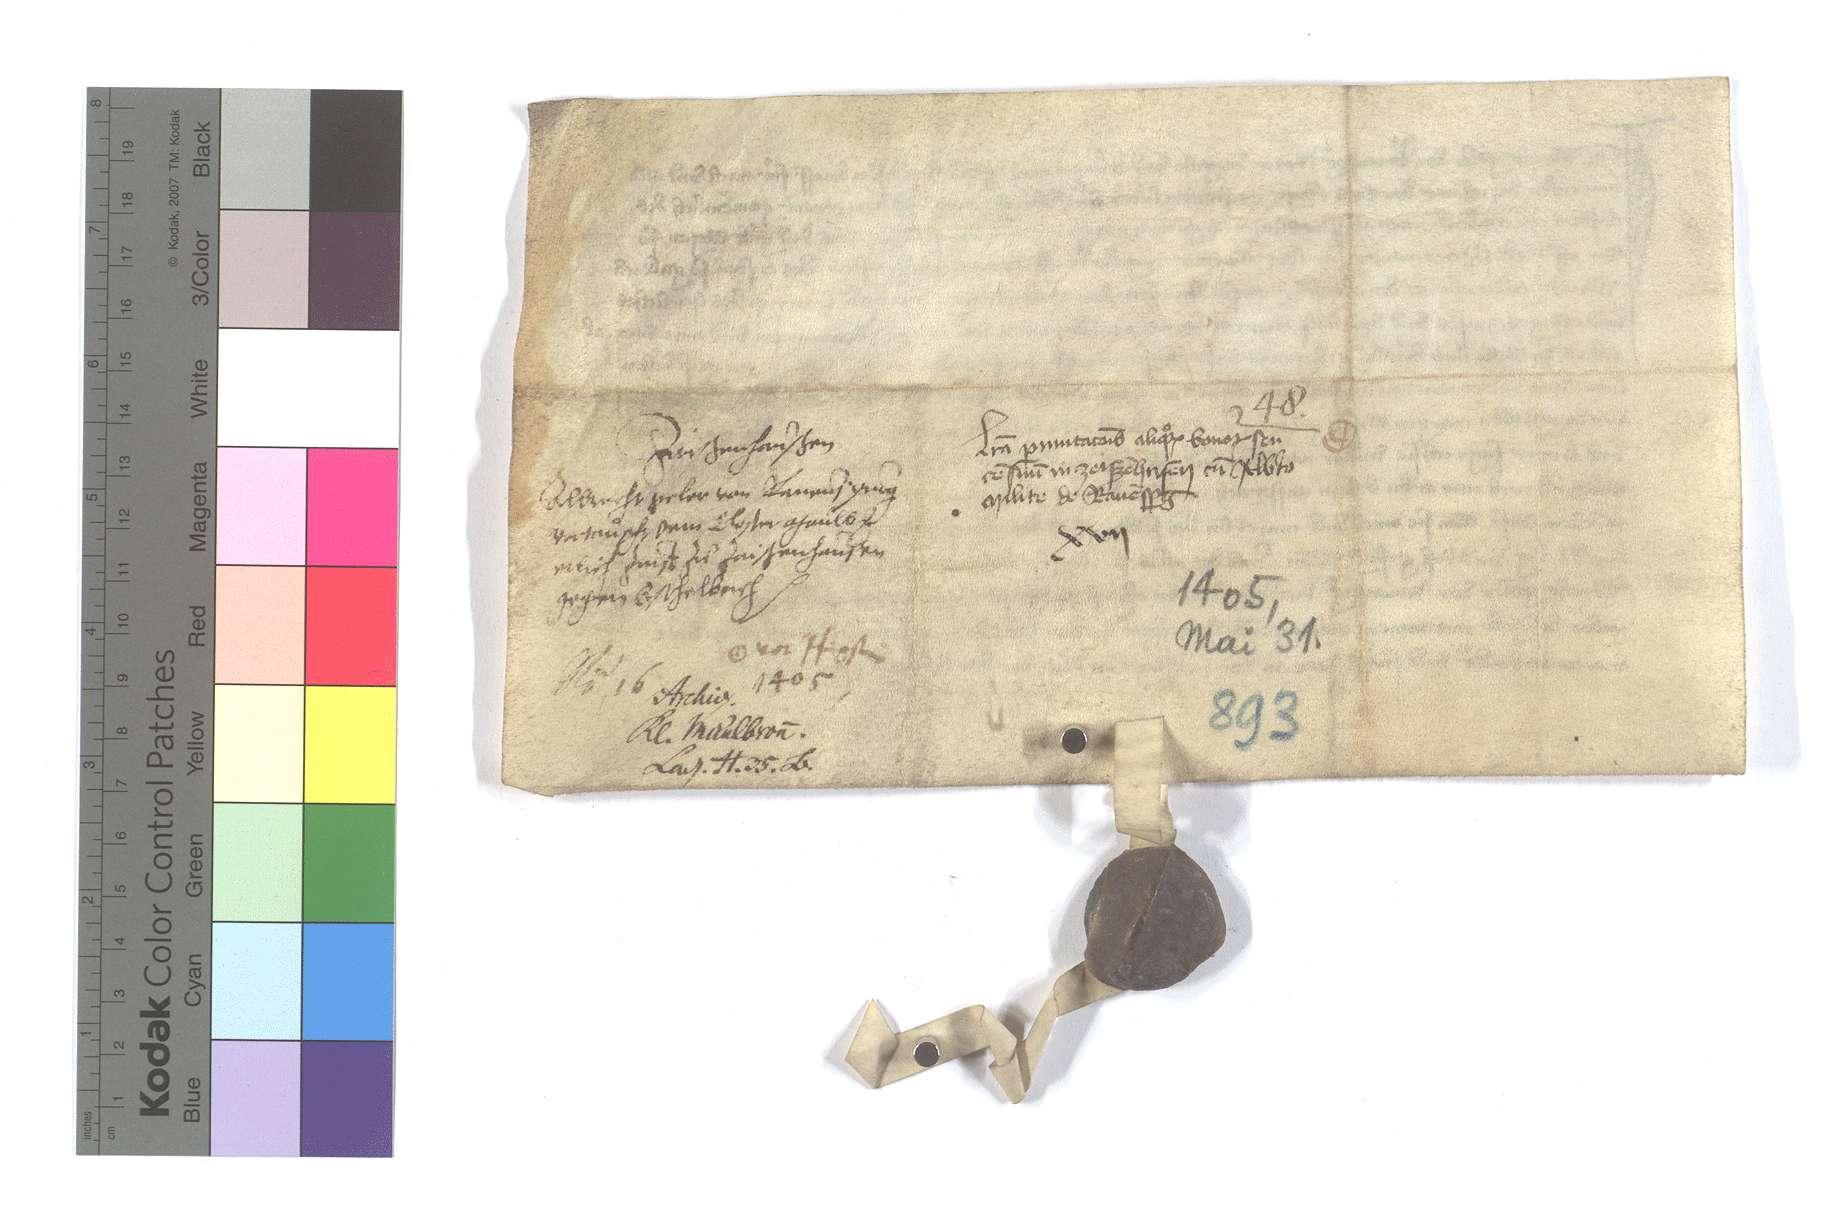 Albrecht Göler von Ravensburg (Ravensperg) verkauft dem Kloster Maulbronn etliche Zinsen und Gülten in Zaisenhausen gegen dergleichen andere zu Eschelbach in Sulzfelder Markung., Rückseite